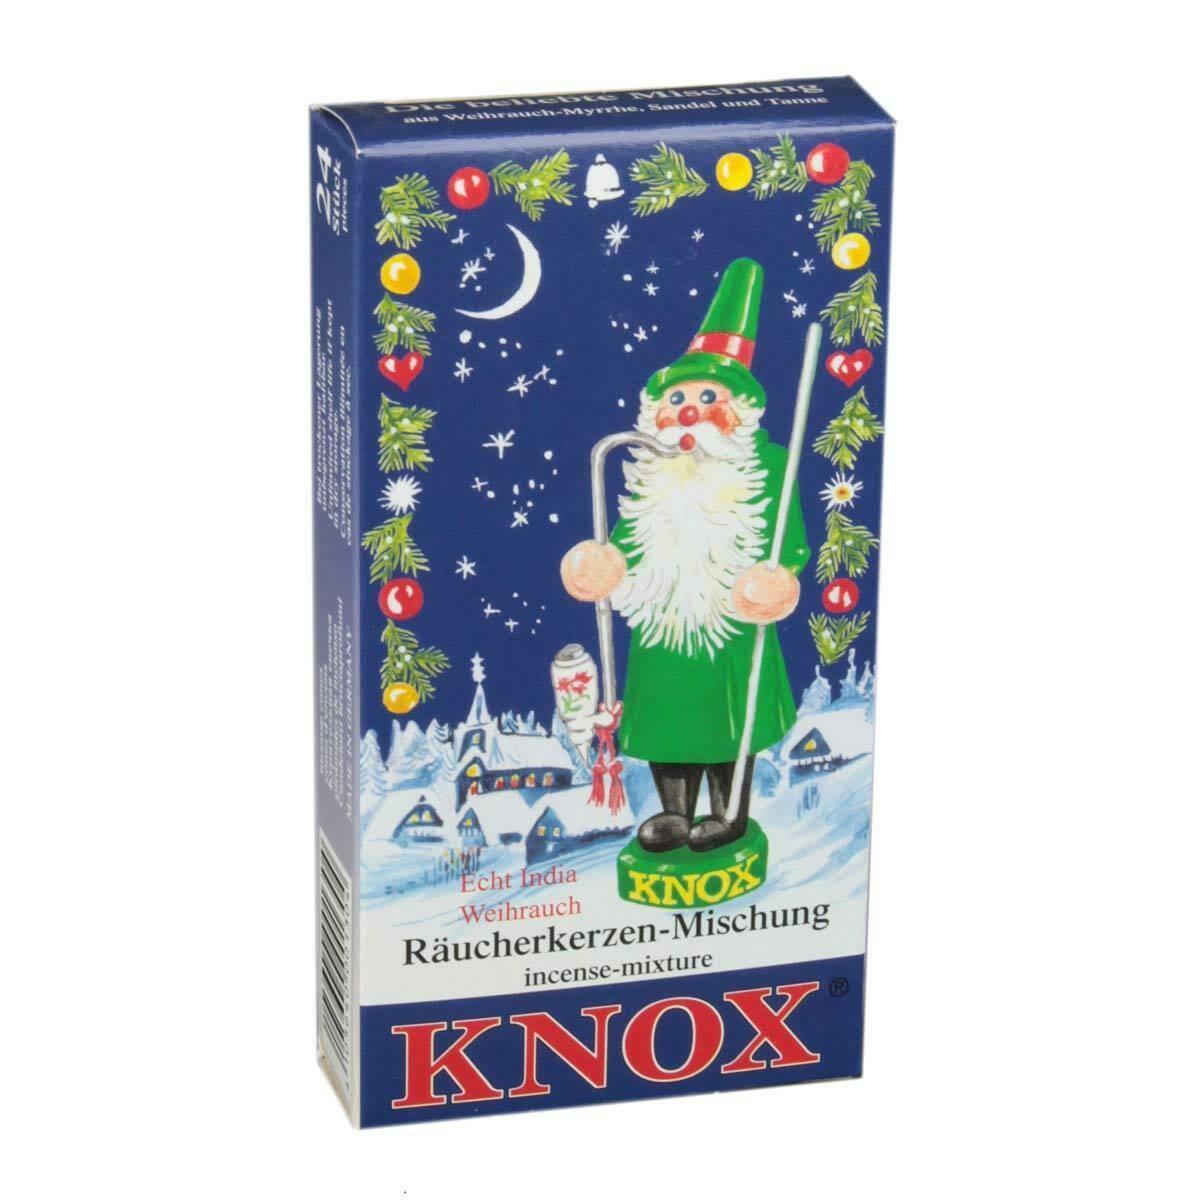 Knox Variety Box German Incense